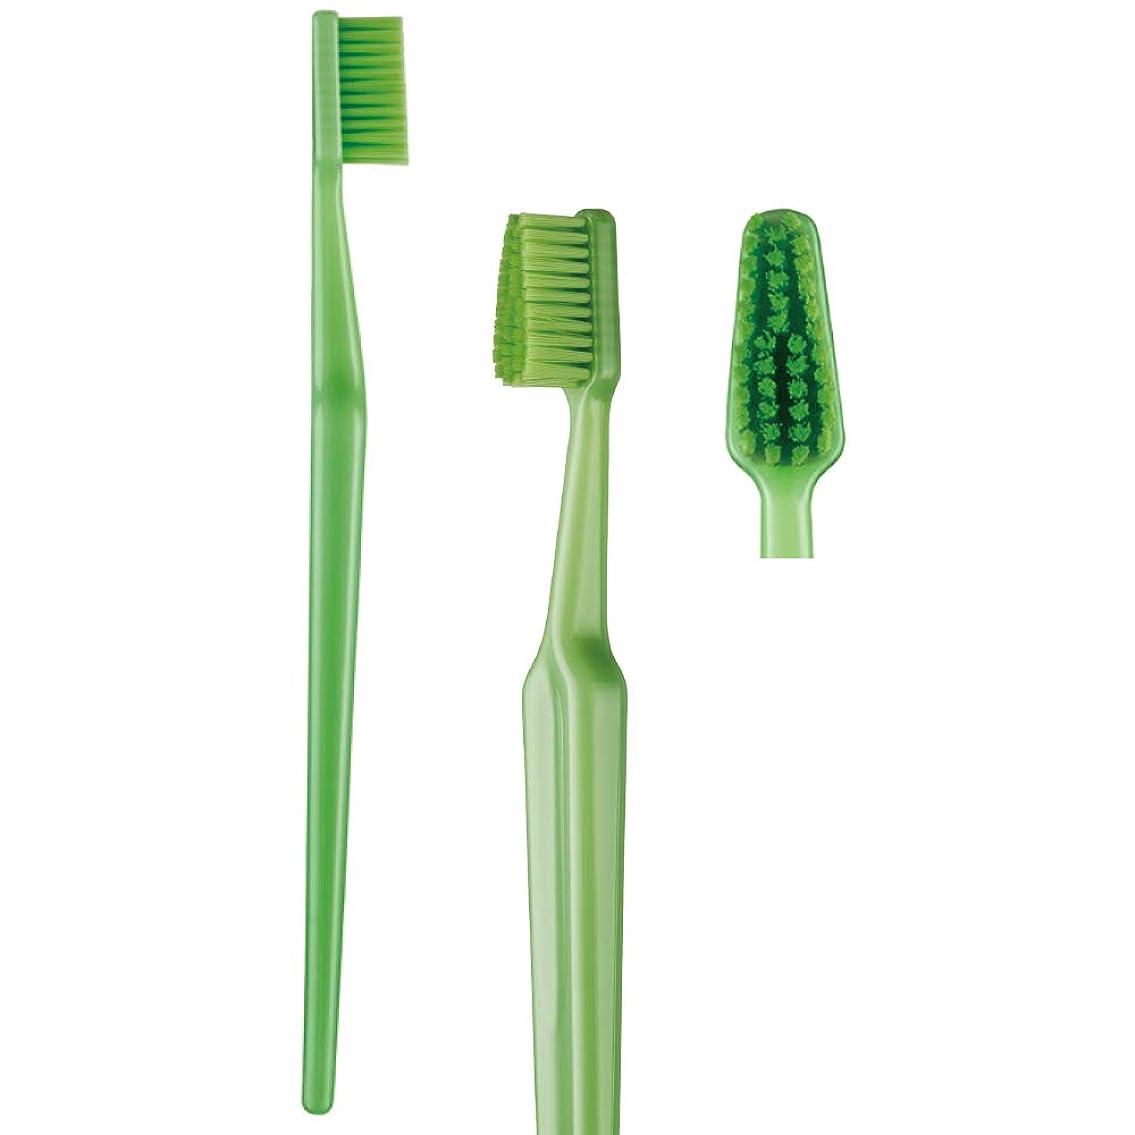 出撃者考古学的なバルク歯科専売品 大人用歯ブラシ TePe GOOD (グッド) レギュラー ソフト(やわらかめ) ヘッド大 1本